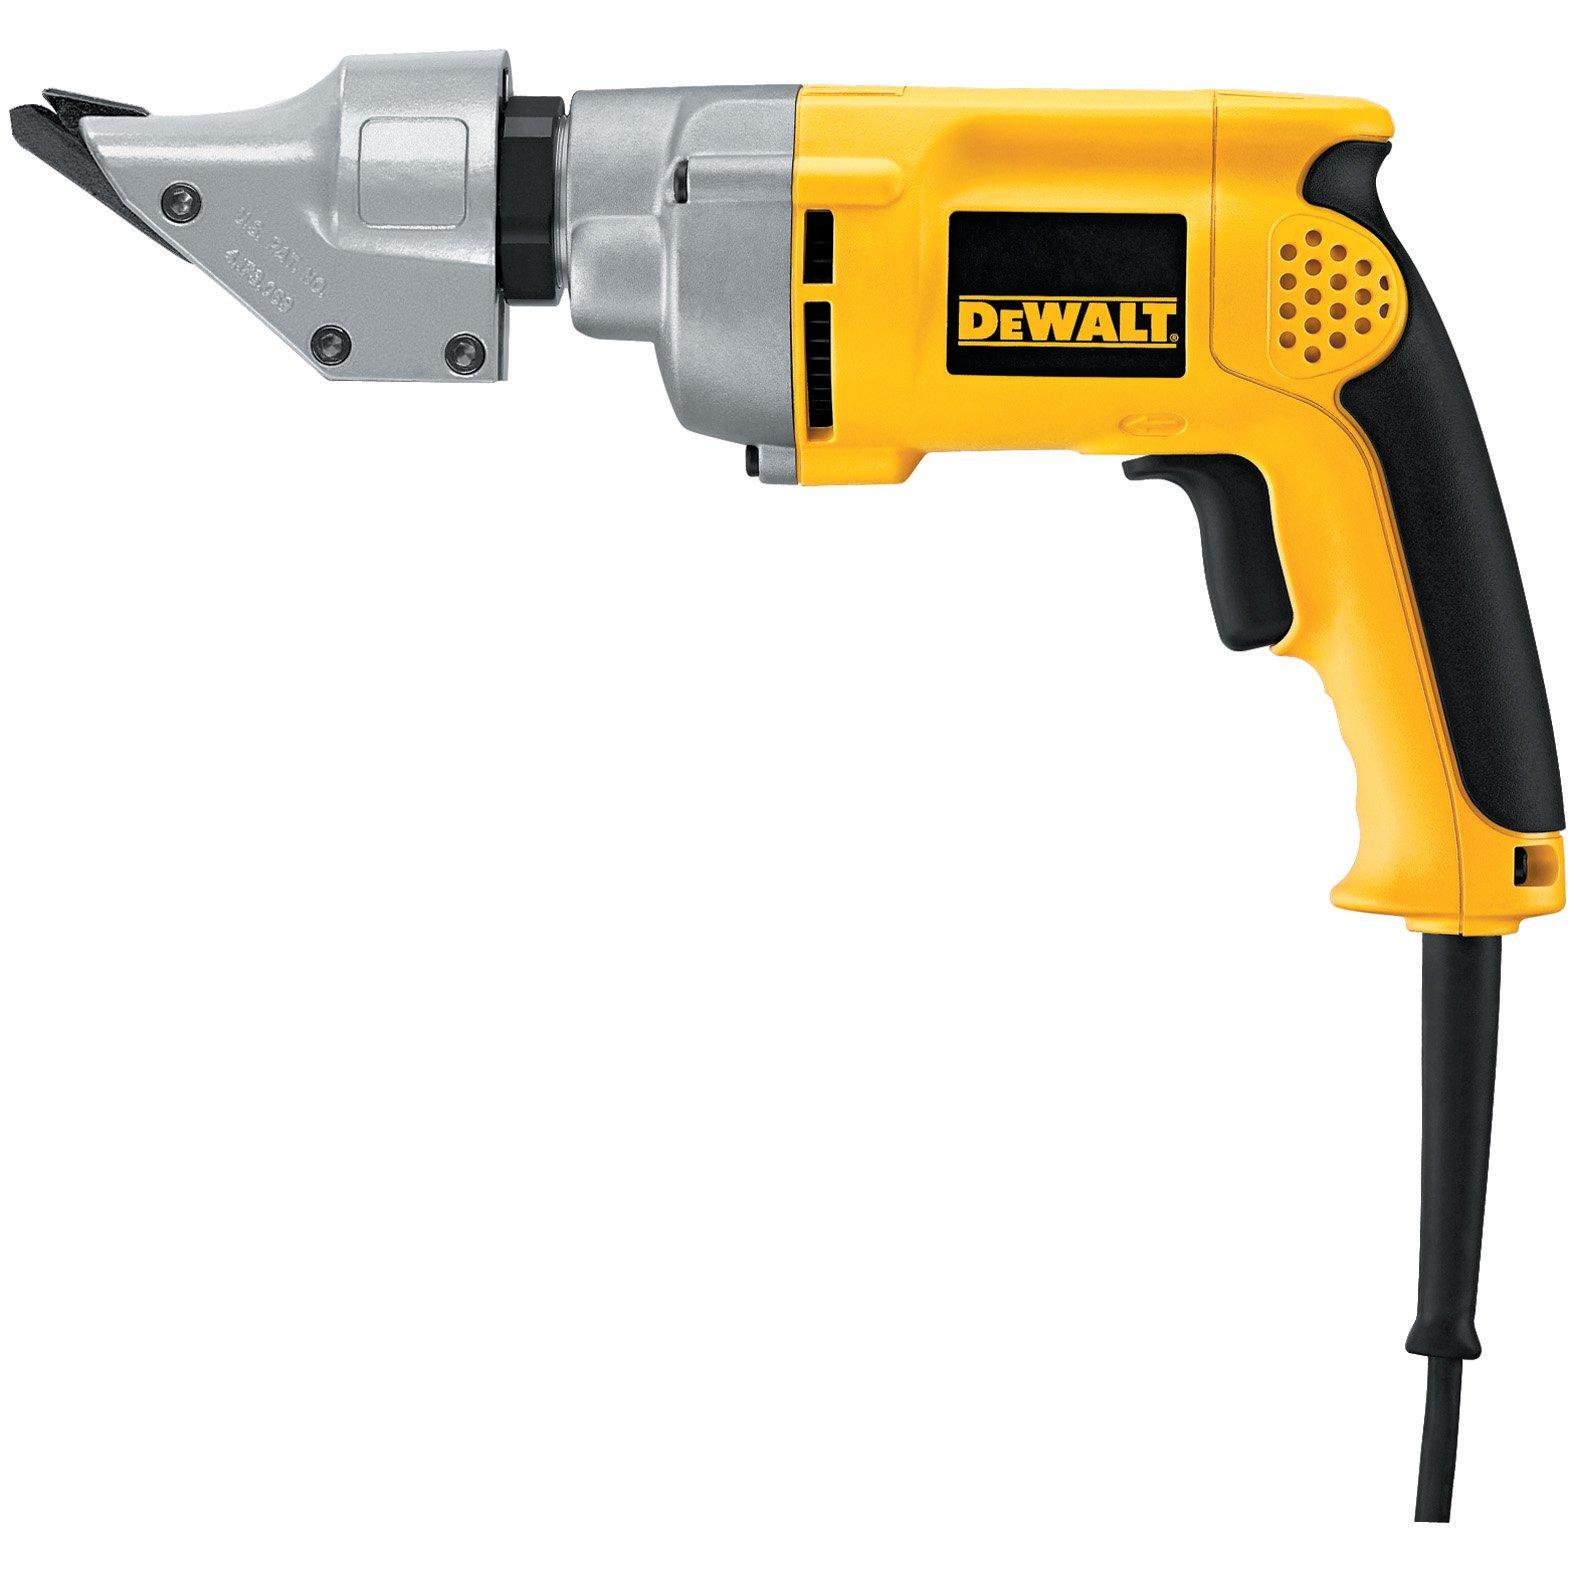 DEWALT DW891 14 Gauge Swivel Head Shear